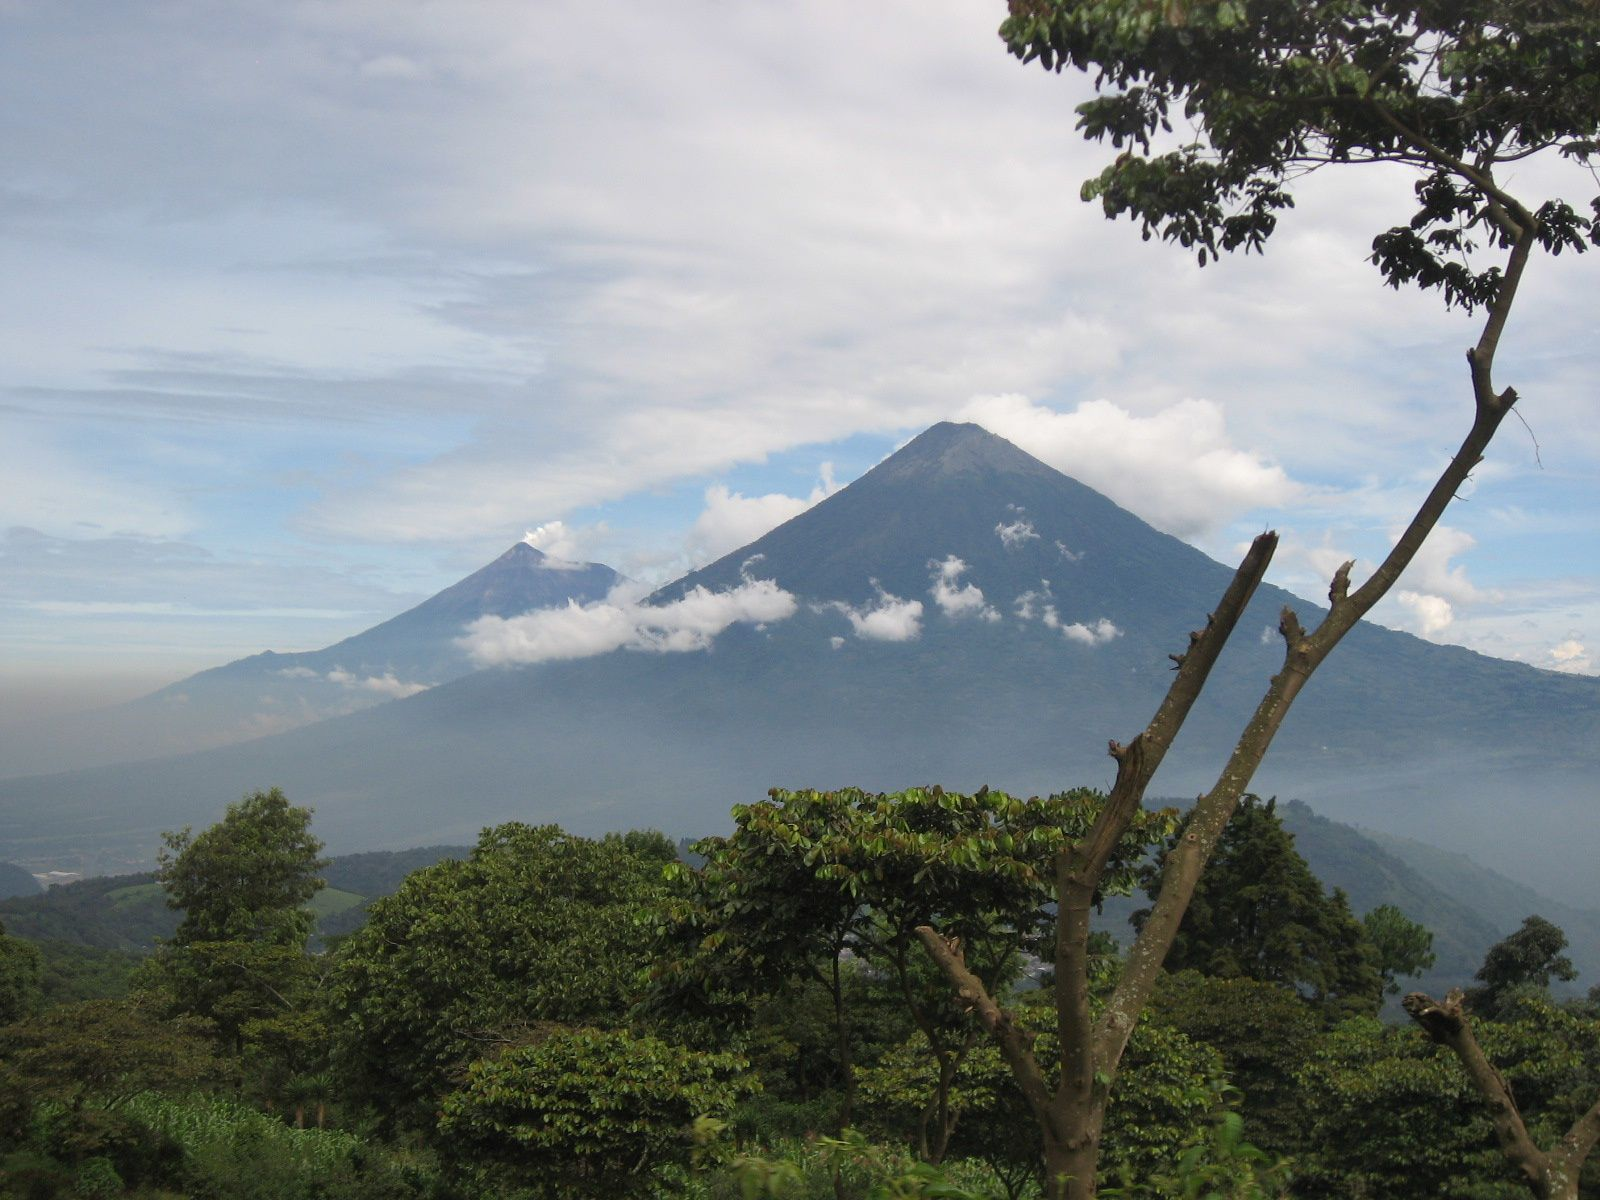 Acatenango et Fuego, deux volcans jumeaux / Guatemala